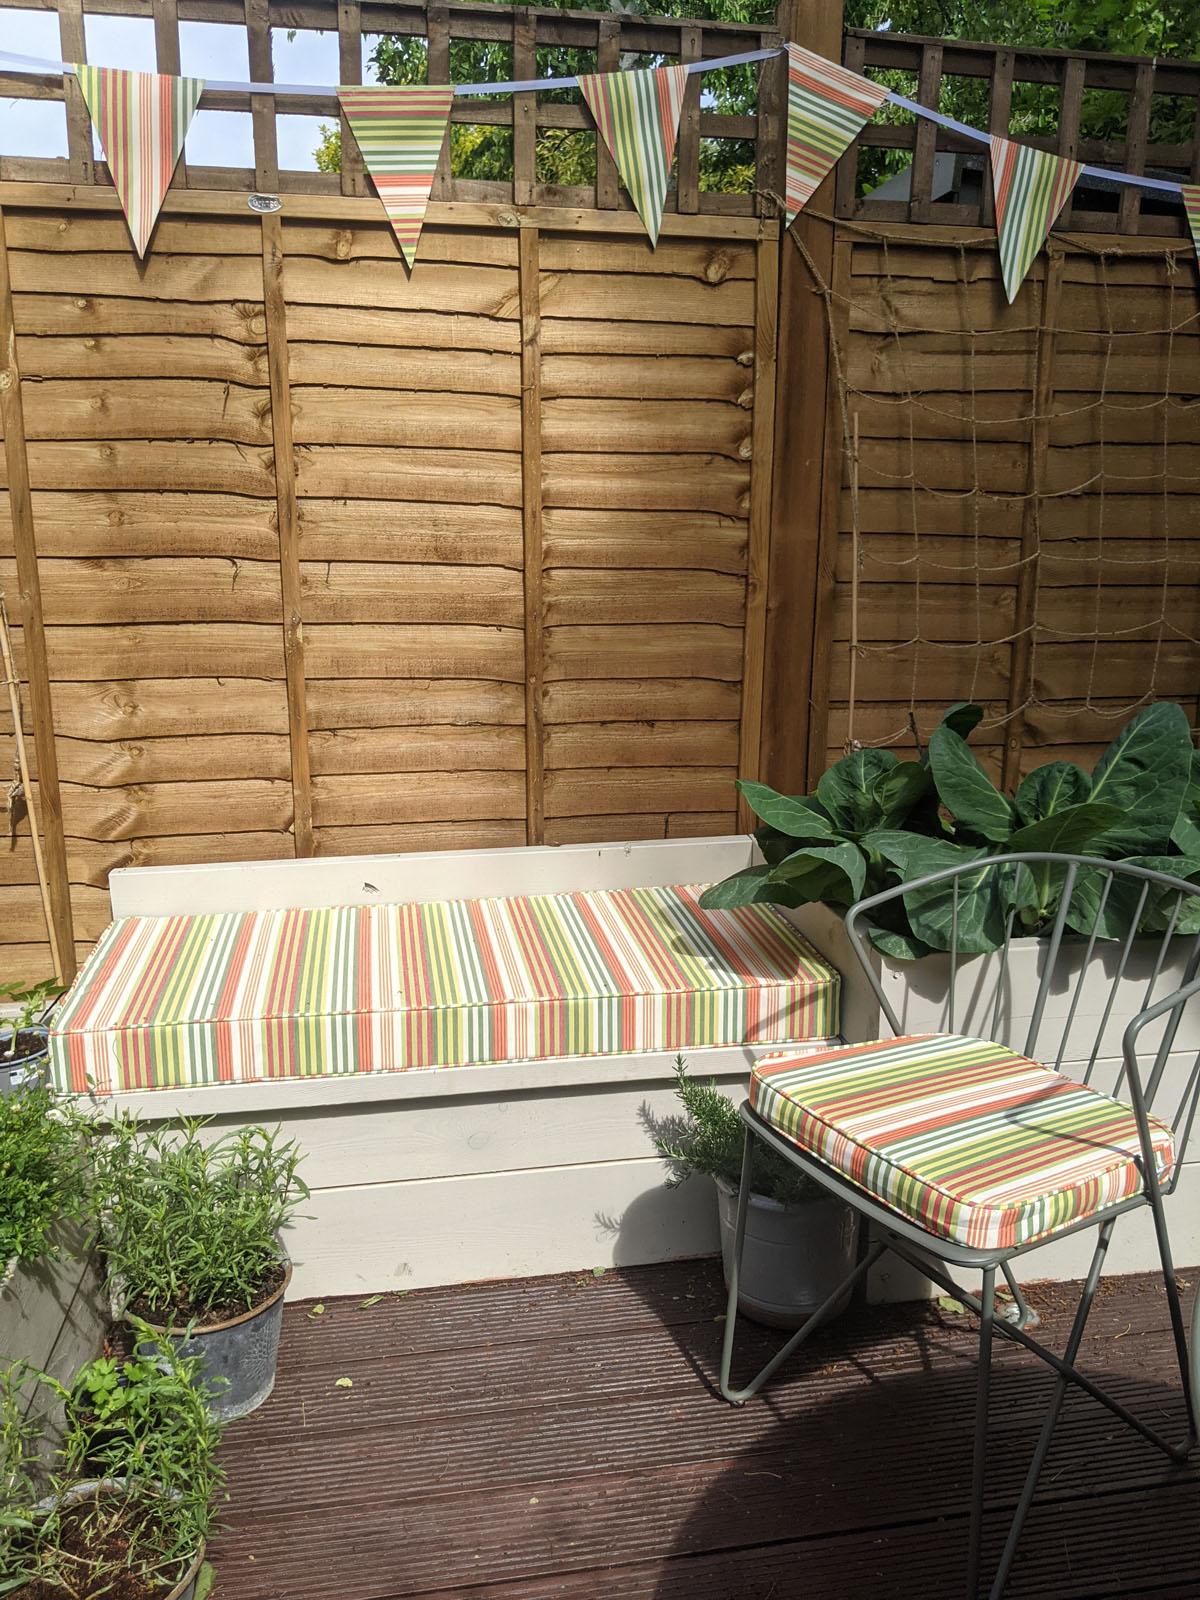 Brightening up my garden